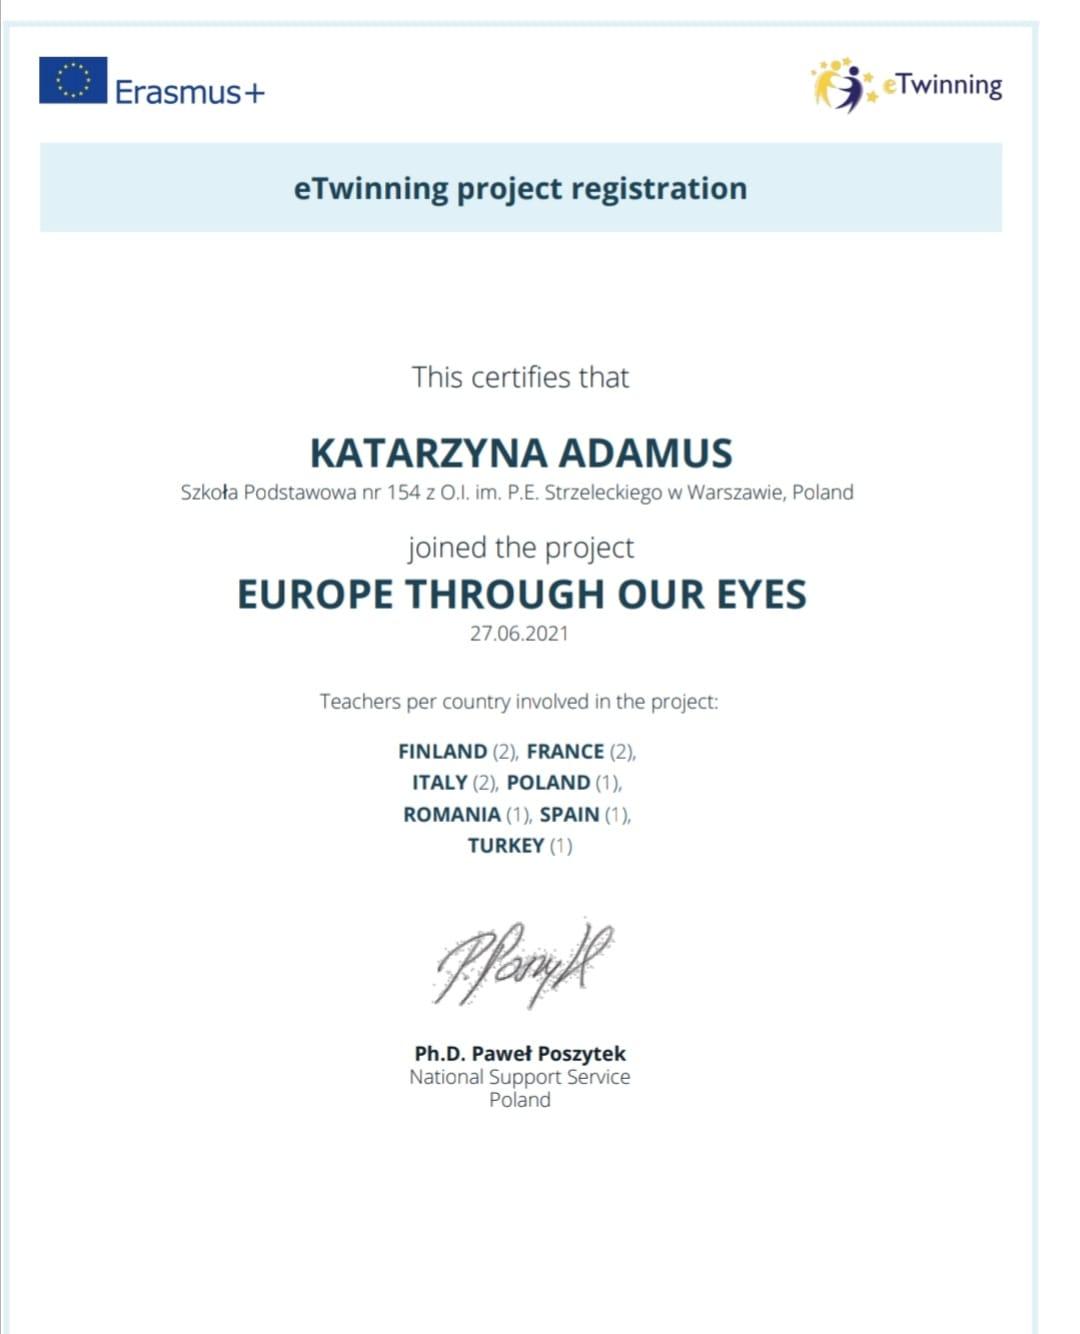 potwierdzenie rejestracji projektu na stronie etwinning